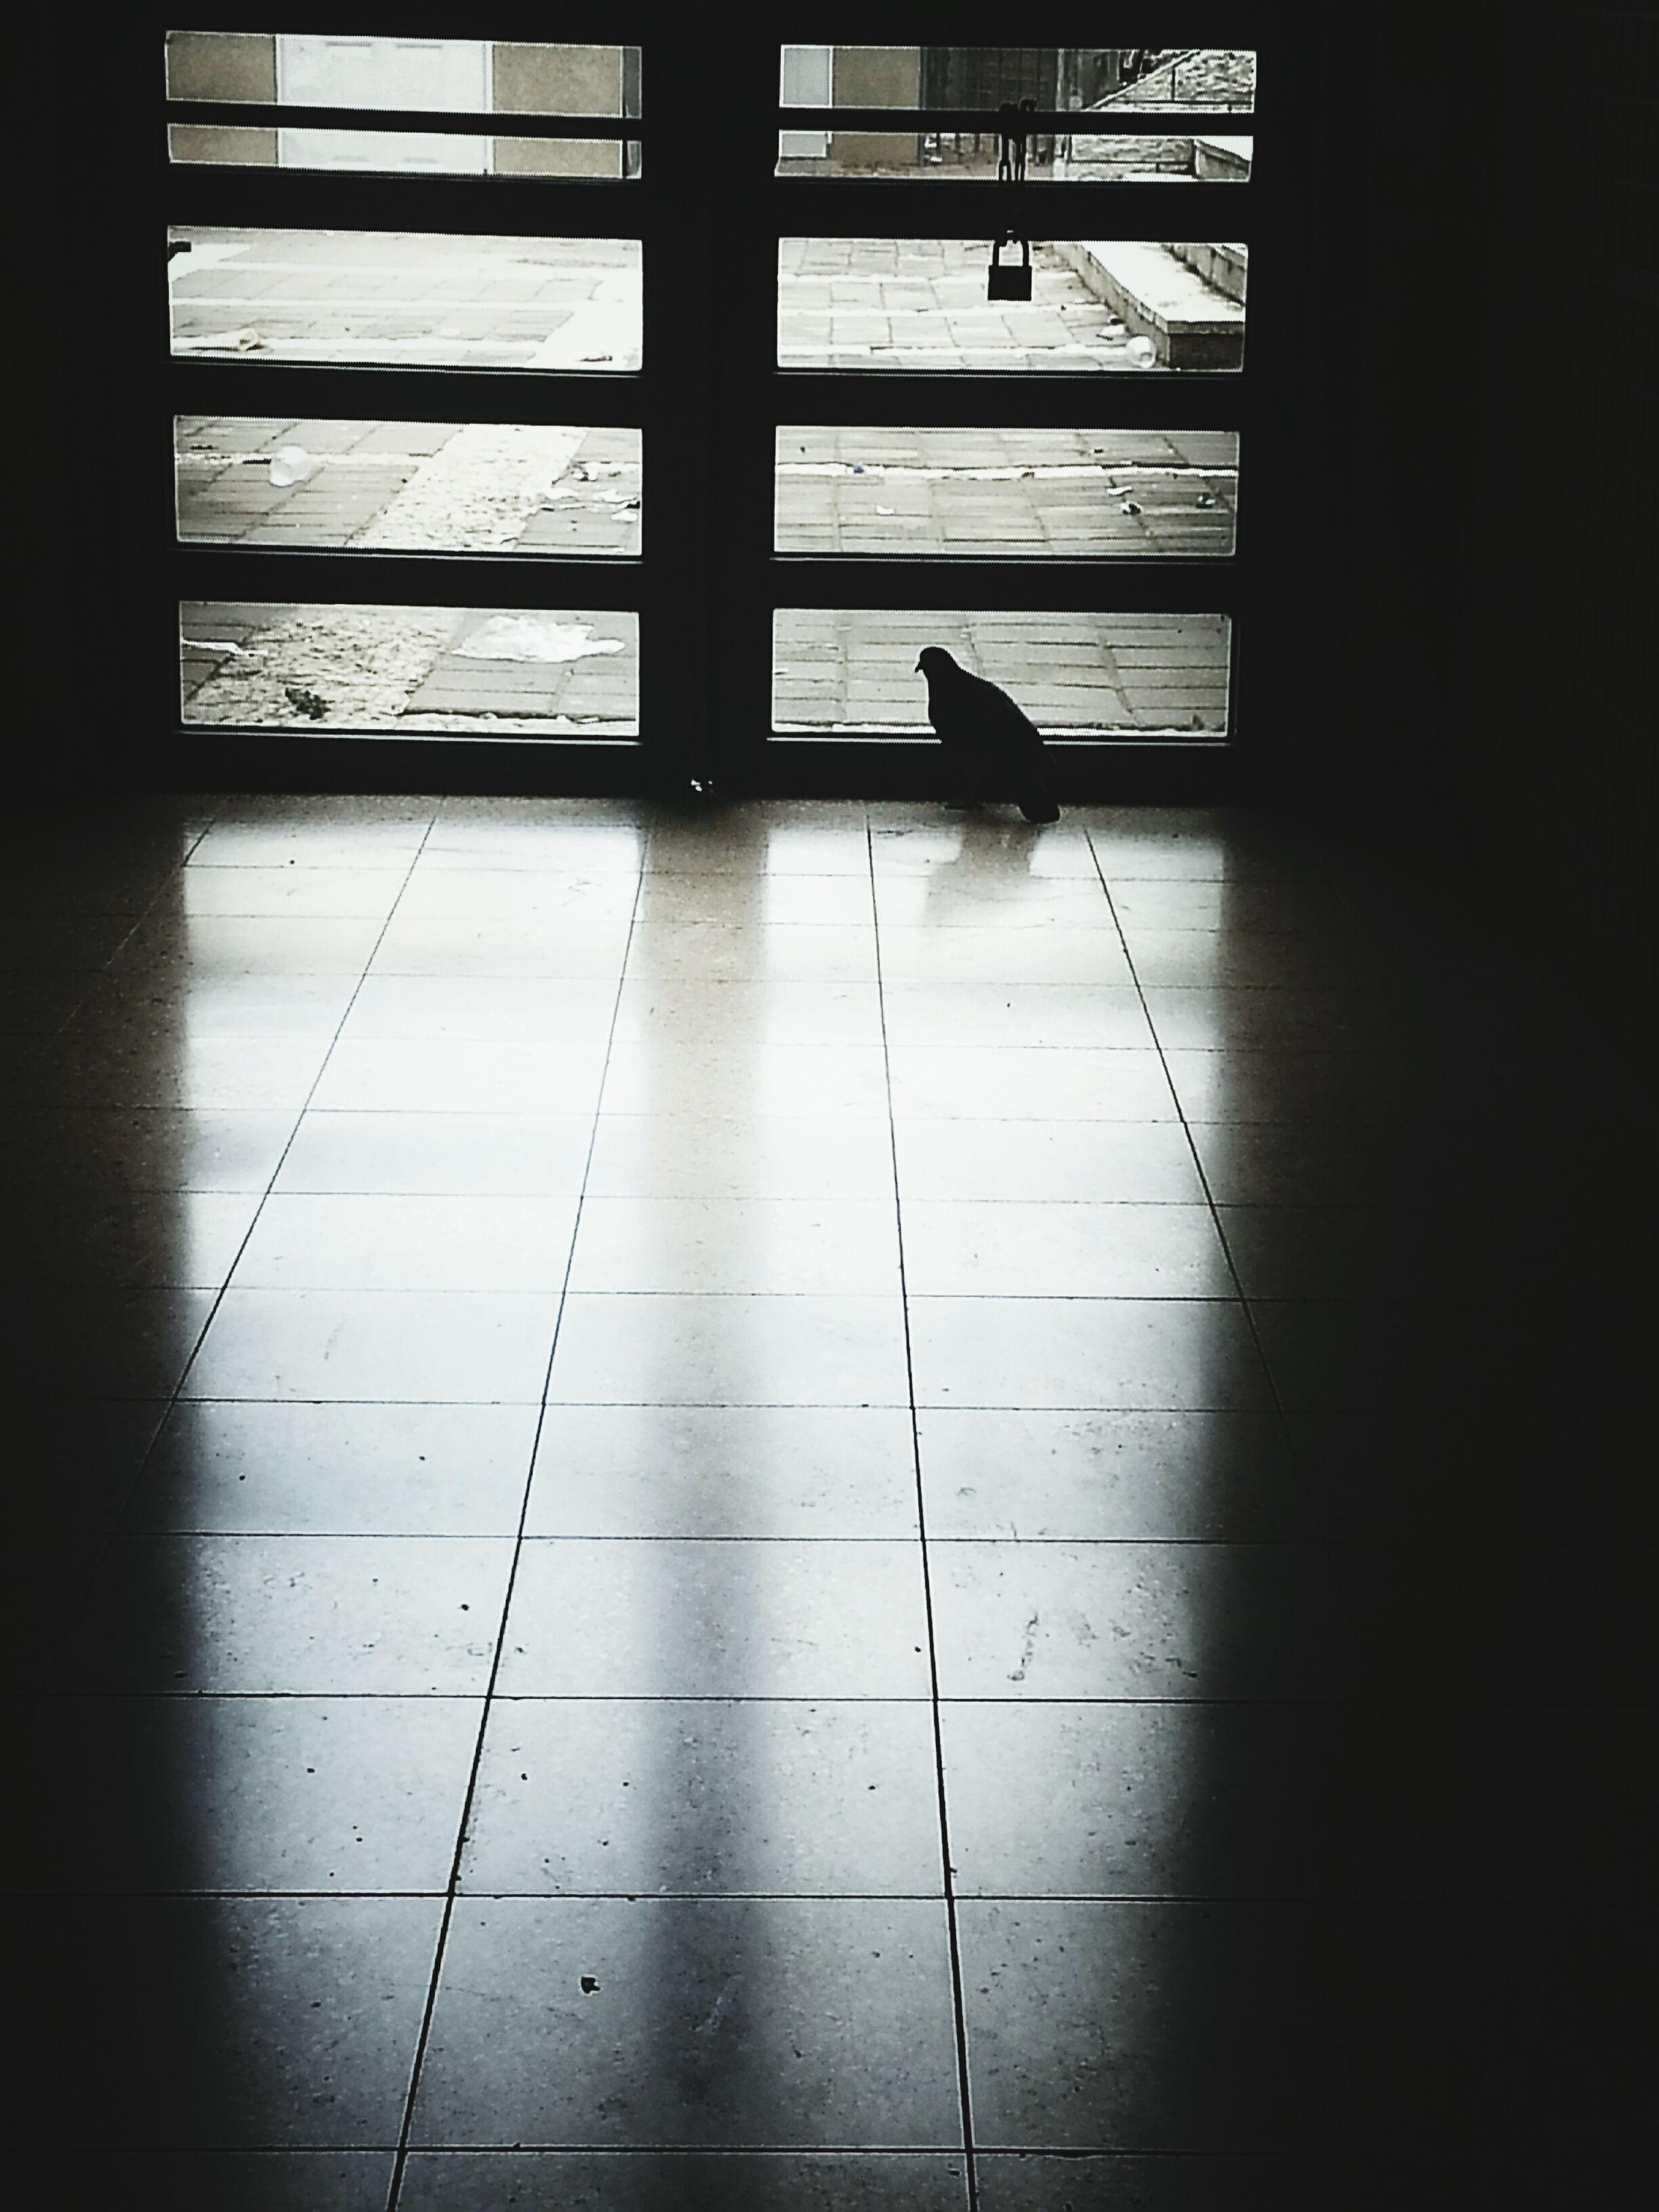 indoors, tiled floor, flooring, window, shadow, home interior, architecture, floor, sunlight, built structure, corridor, door, glass - material, tile, hardwood floor, transparent, reflection, absence, empty, auto post production filter